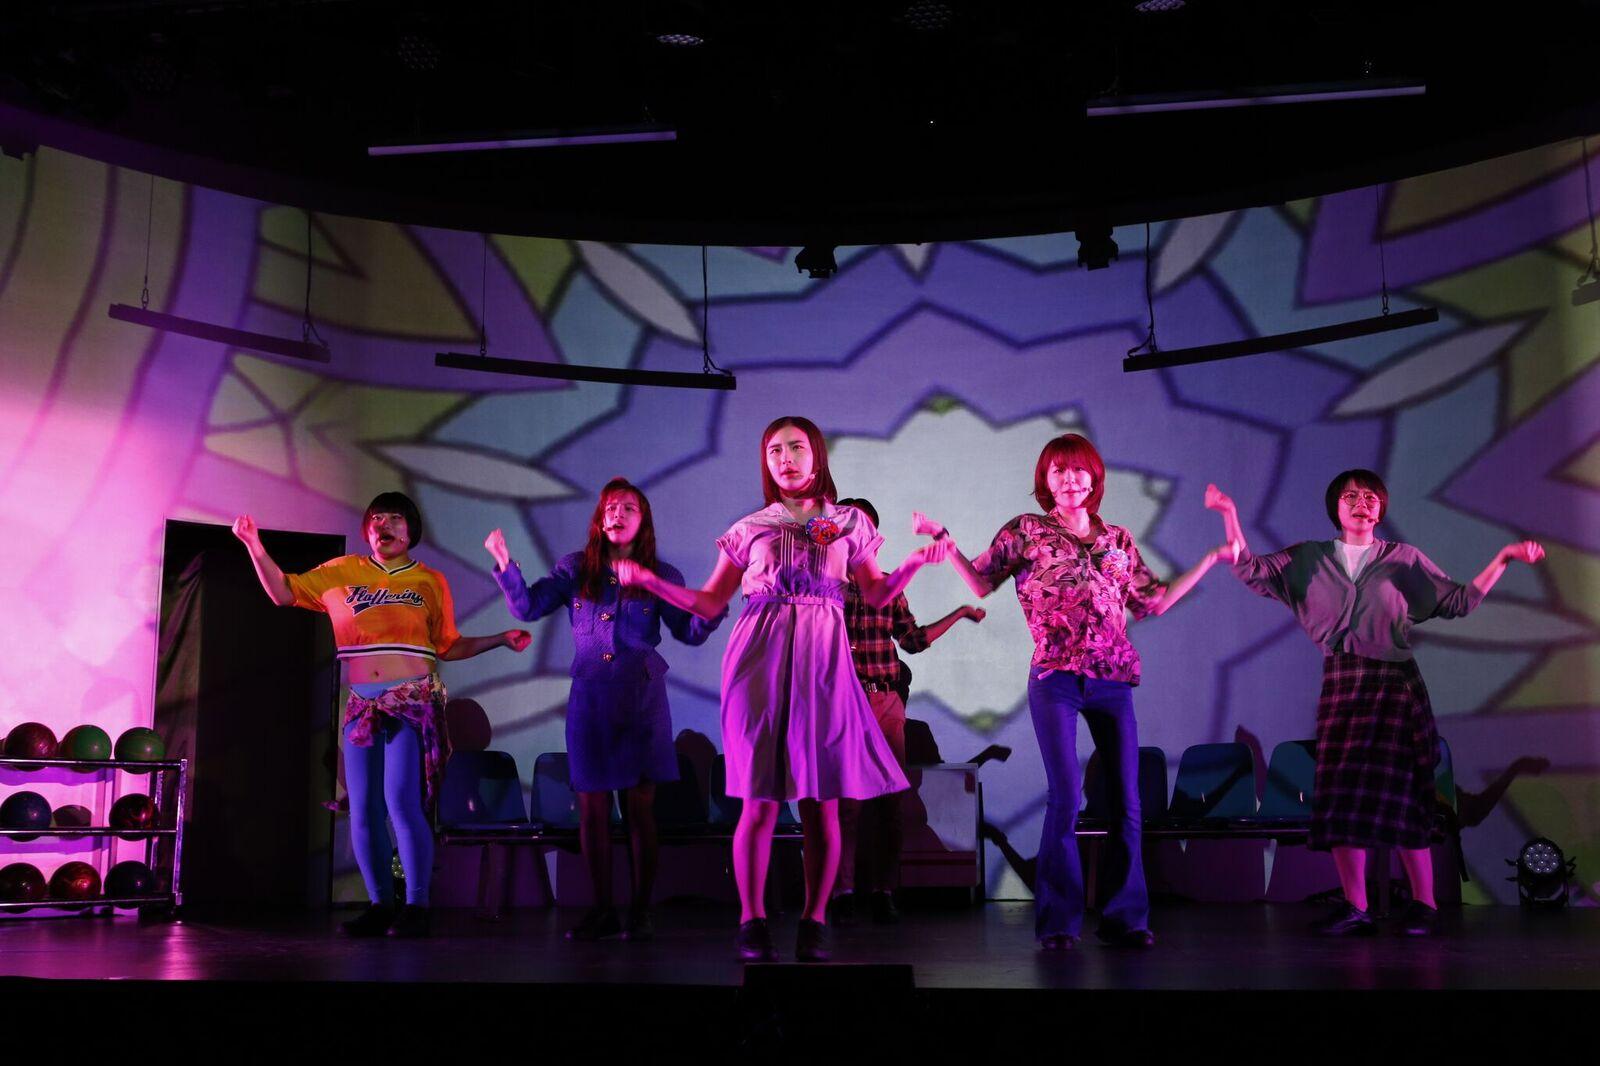 劇団4ドル50セント 週末定期公演 Vol.1舞台写真12